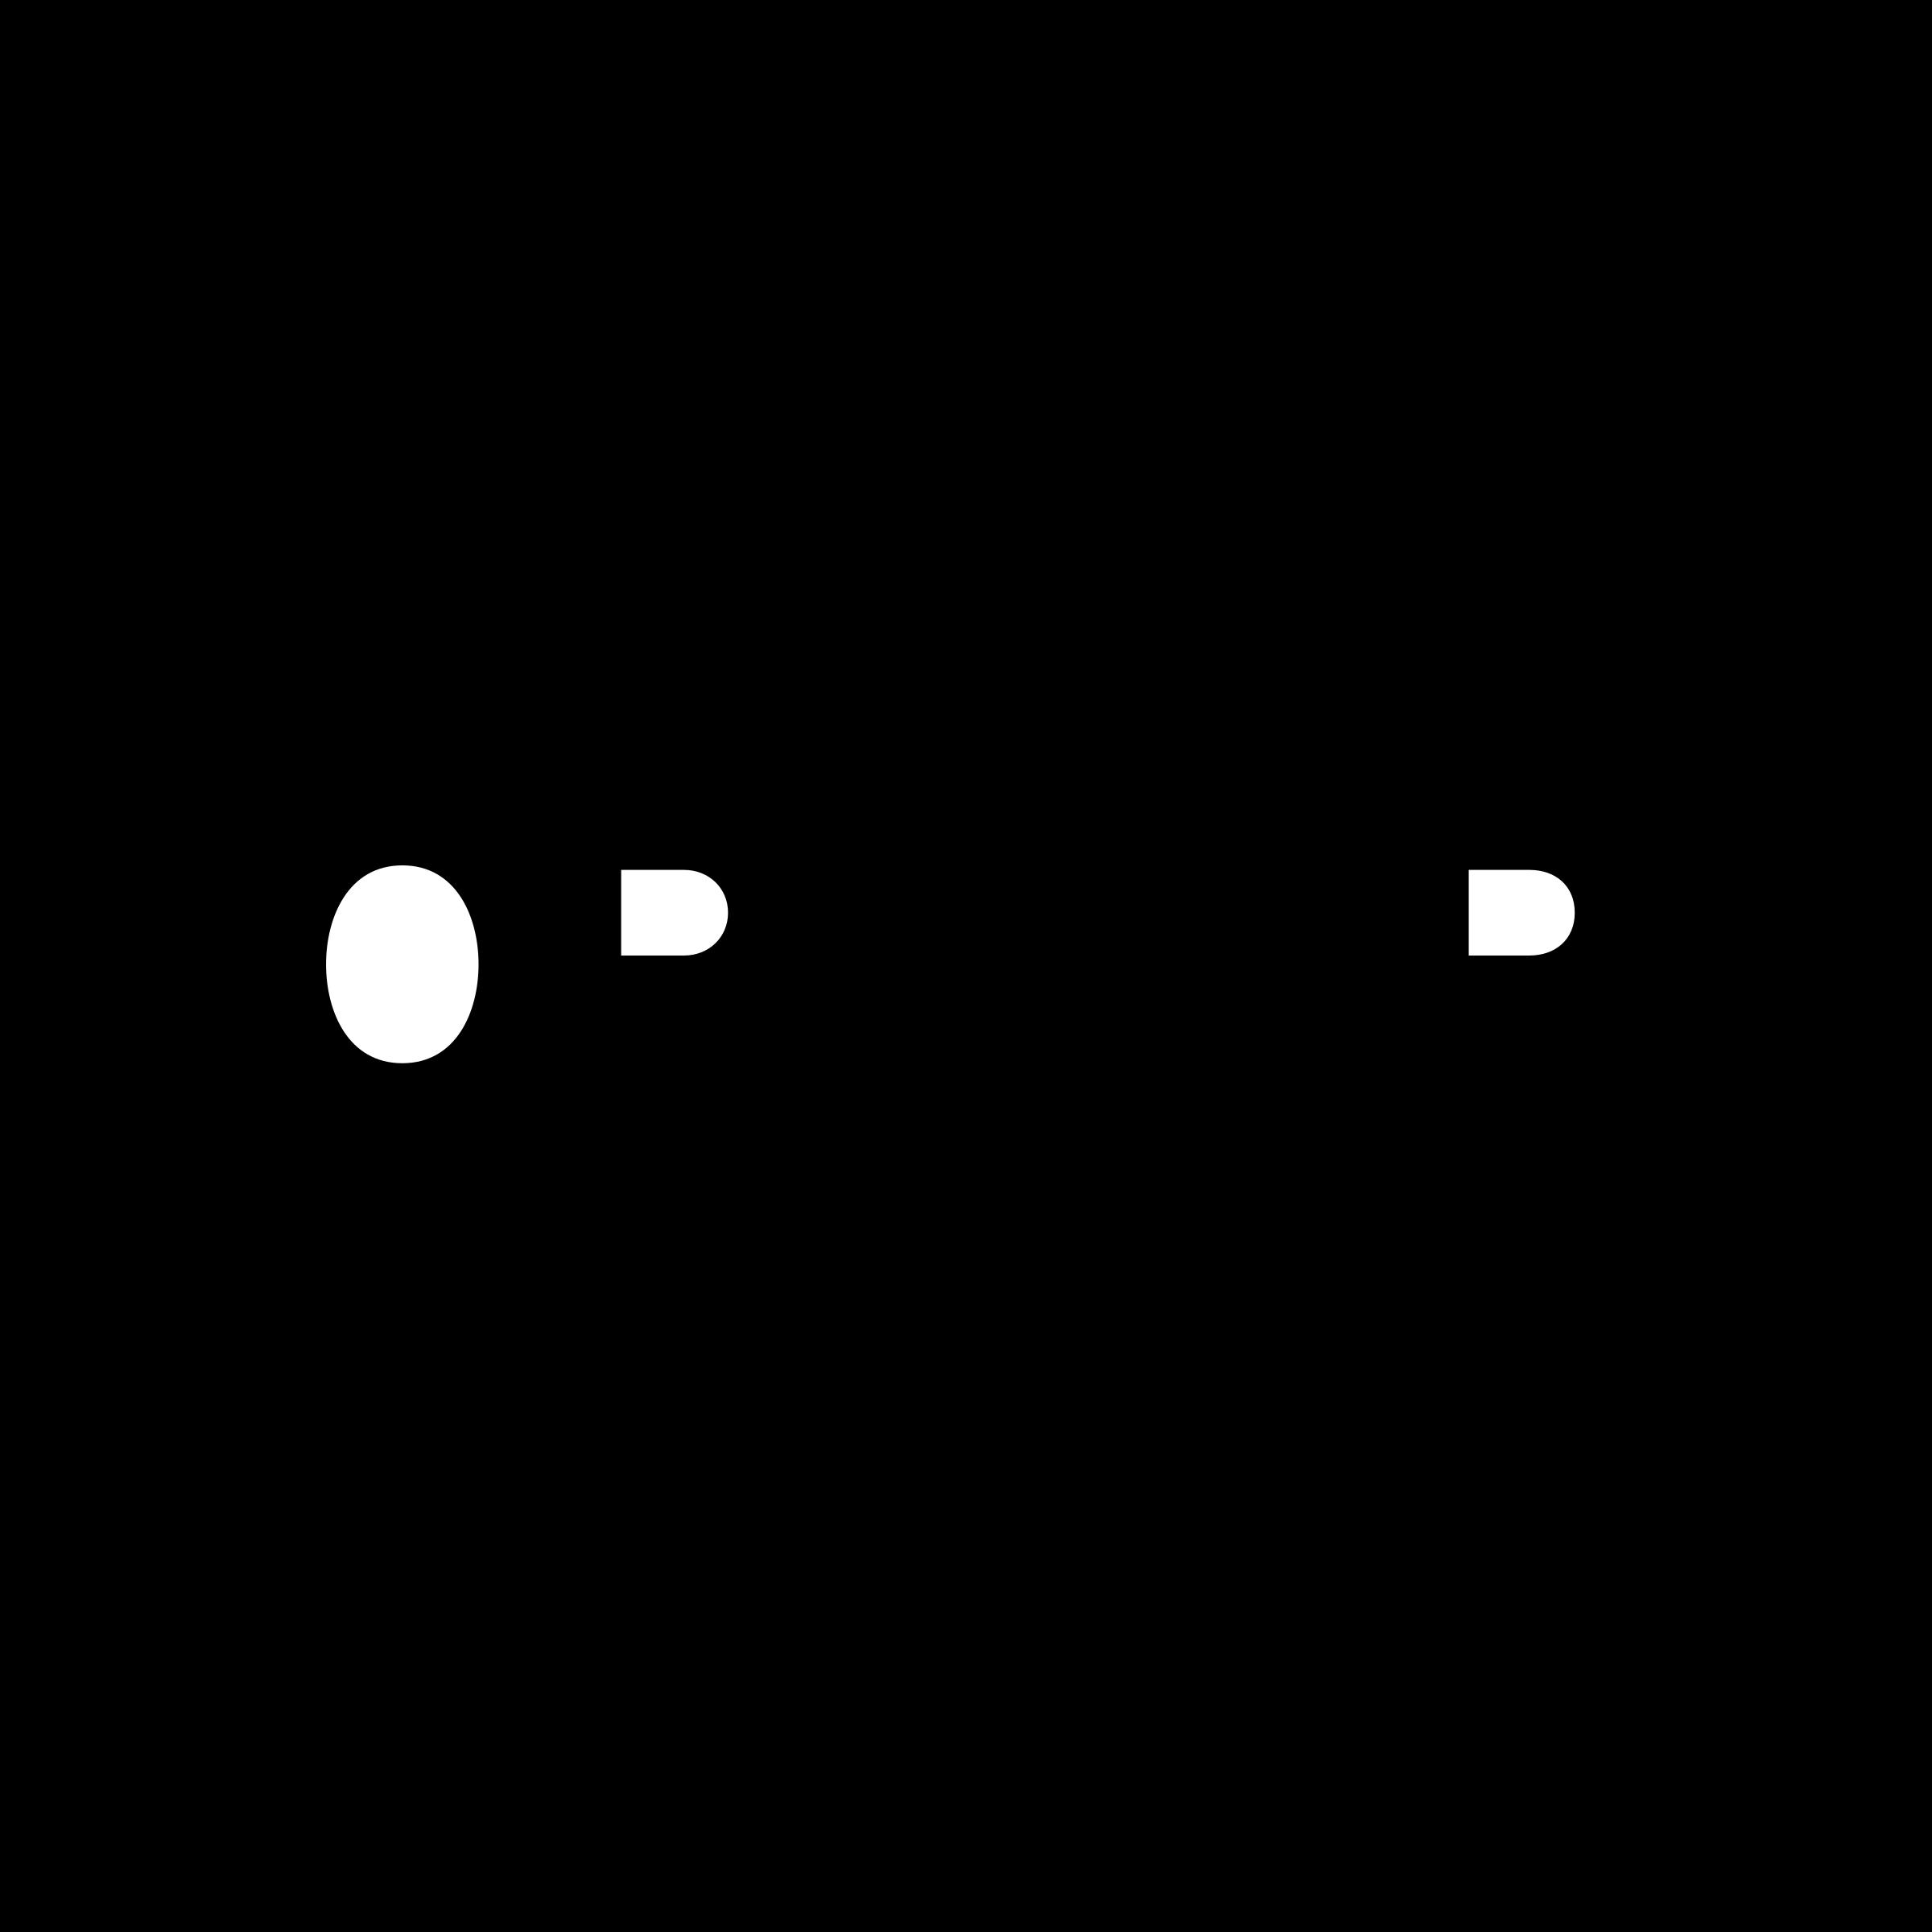 Vorwerk Logo PNG Transparent & SVG Vector.